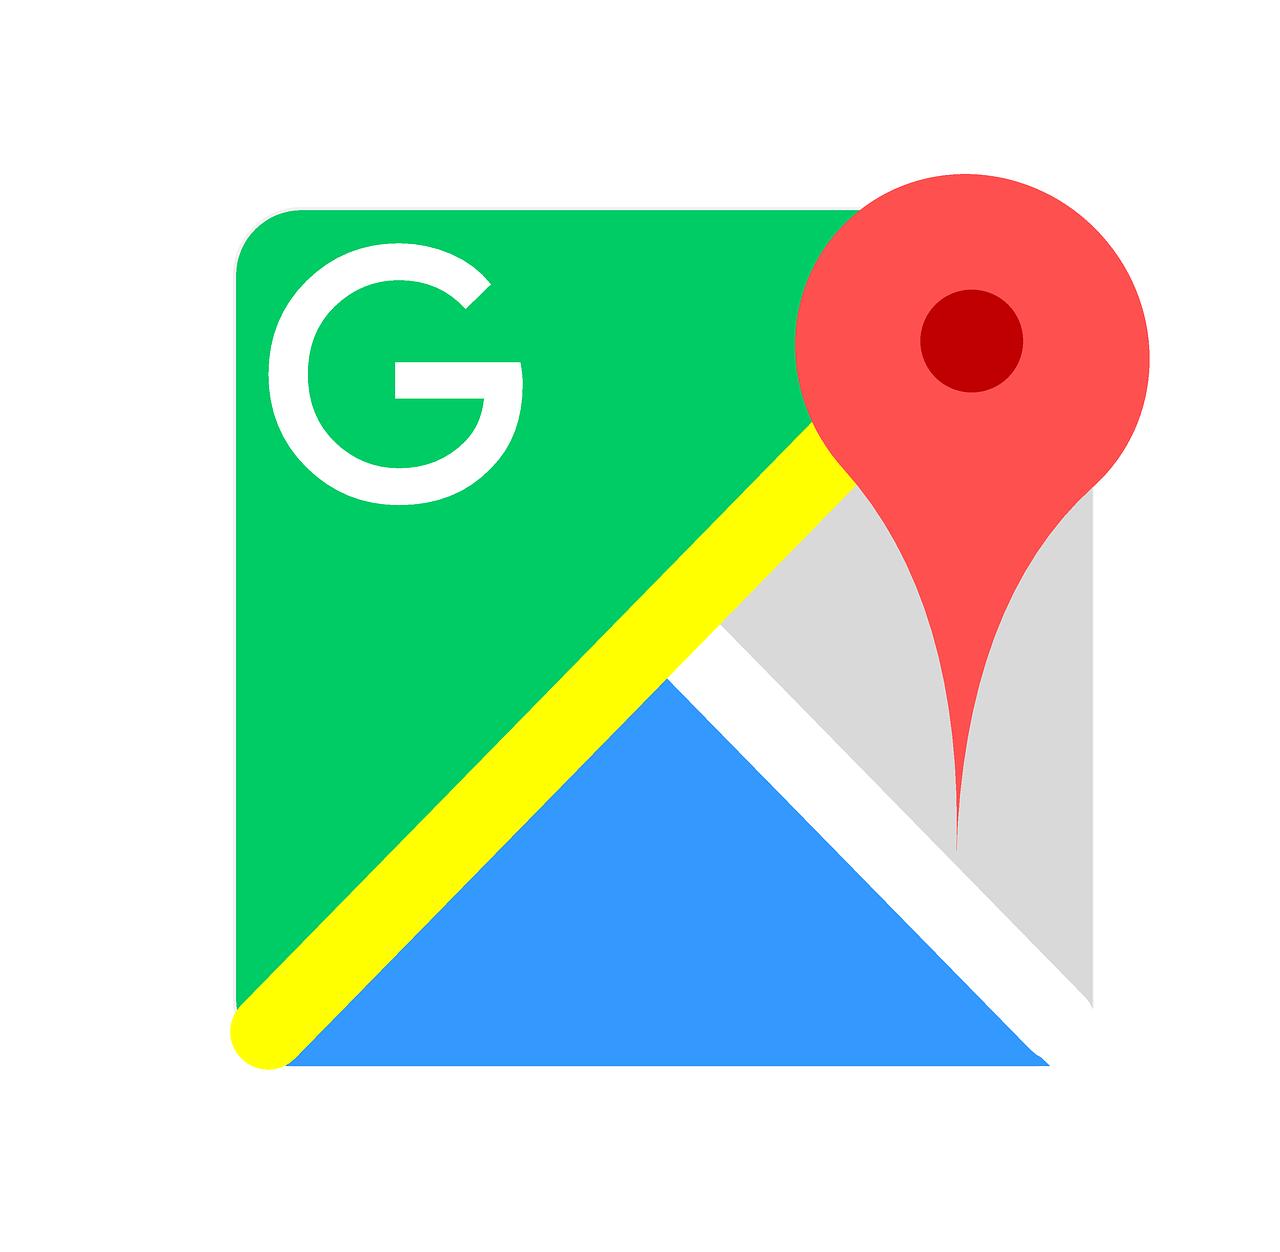 海外でグーグルマップが使える!?オフラインでの使い方まとめ【知らないと損】